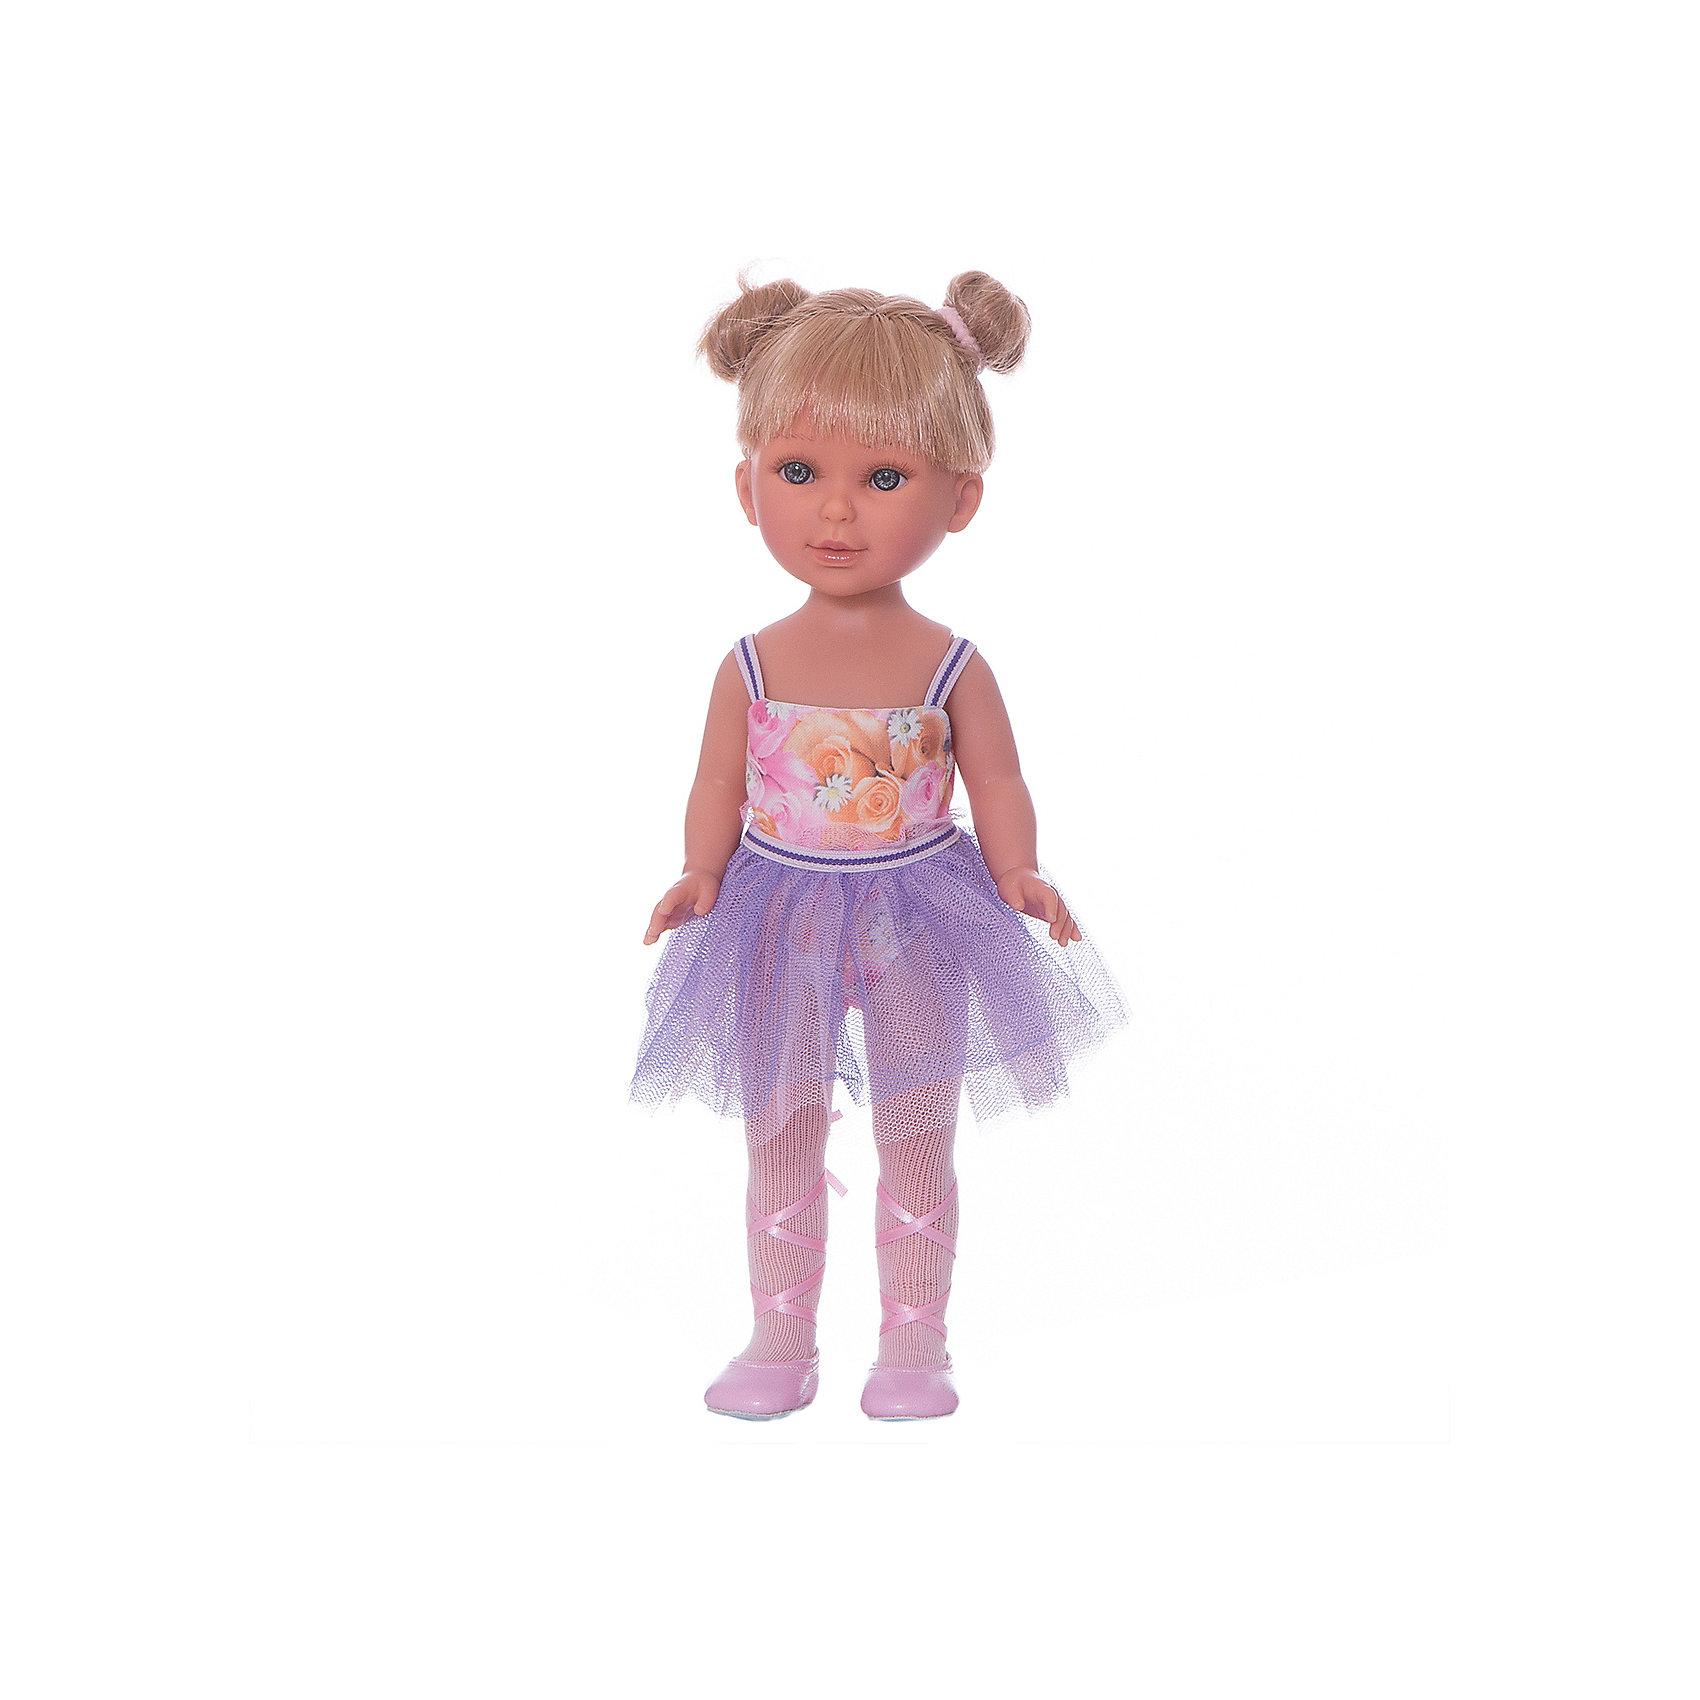 Кукла Паулина балерина, Vestida de AzulКлассические куклы<br>1. Милая балерина Паулина в нежном образе: платье с цветочным топом и сиреневой юбкой-пачкой, светлые колготки и розовые пуанты с атласными лентами. <br>2. Волшебный образ балерины для незабываемых сюжетно-ролевых игр.<br>3. У куклы очень приятное и милое личико: щечки с легким румянцем, слегка вздернутый носик, пухлые аккуратные губки и выразительные глаза с длинными ресницами, наклеенными вручную, которые выглядят как настоящие.<br>4. Длинные волосы куклы густо прошиты и напоминают натуральные. Челка прошита отдельно, а значит всегда будет красиво уложенной.  <br>5. Кукла высоко детализирована: очень четко очерченные пальчики, складочки, румянец на щечках, коленках и локтях.<br>6. Кукла изготовлена из плотного гипоаллергенного винила без ароматизаторов, и самостоятельно стоит.<br>7. Подвижные руки, ноги и голова для незабываемой реалистичной игры.<br>8. Рост куклы - 33 см.<br><br>Ширина мм: 225<br>Глубина мм: 105<br>Высота мм: 405<br>Вес г: 700<br>Возраст от месяцев: 36<br>Возраст до месяцев: 2147483647<br>Пол: Женский<br>Возраст: Детский<br>SKU: 6844336